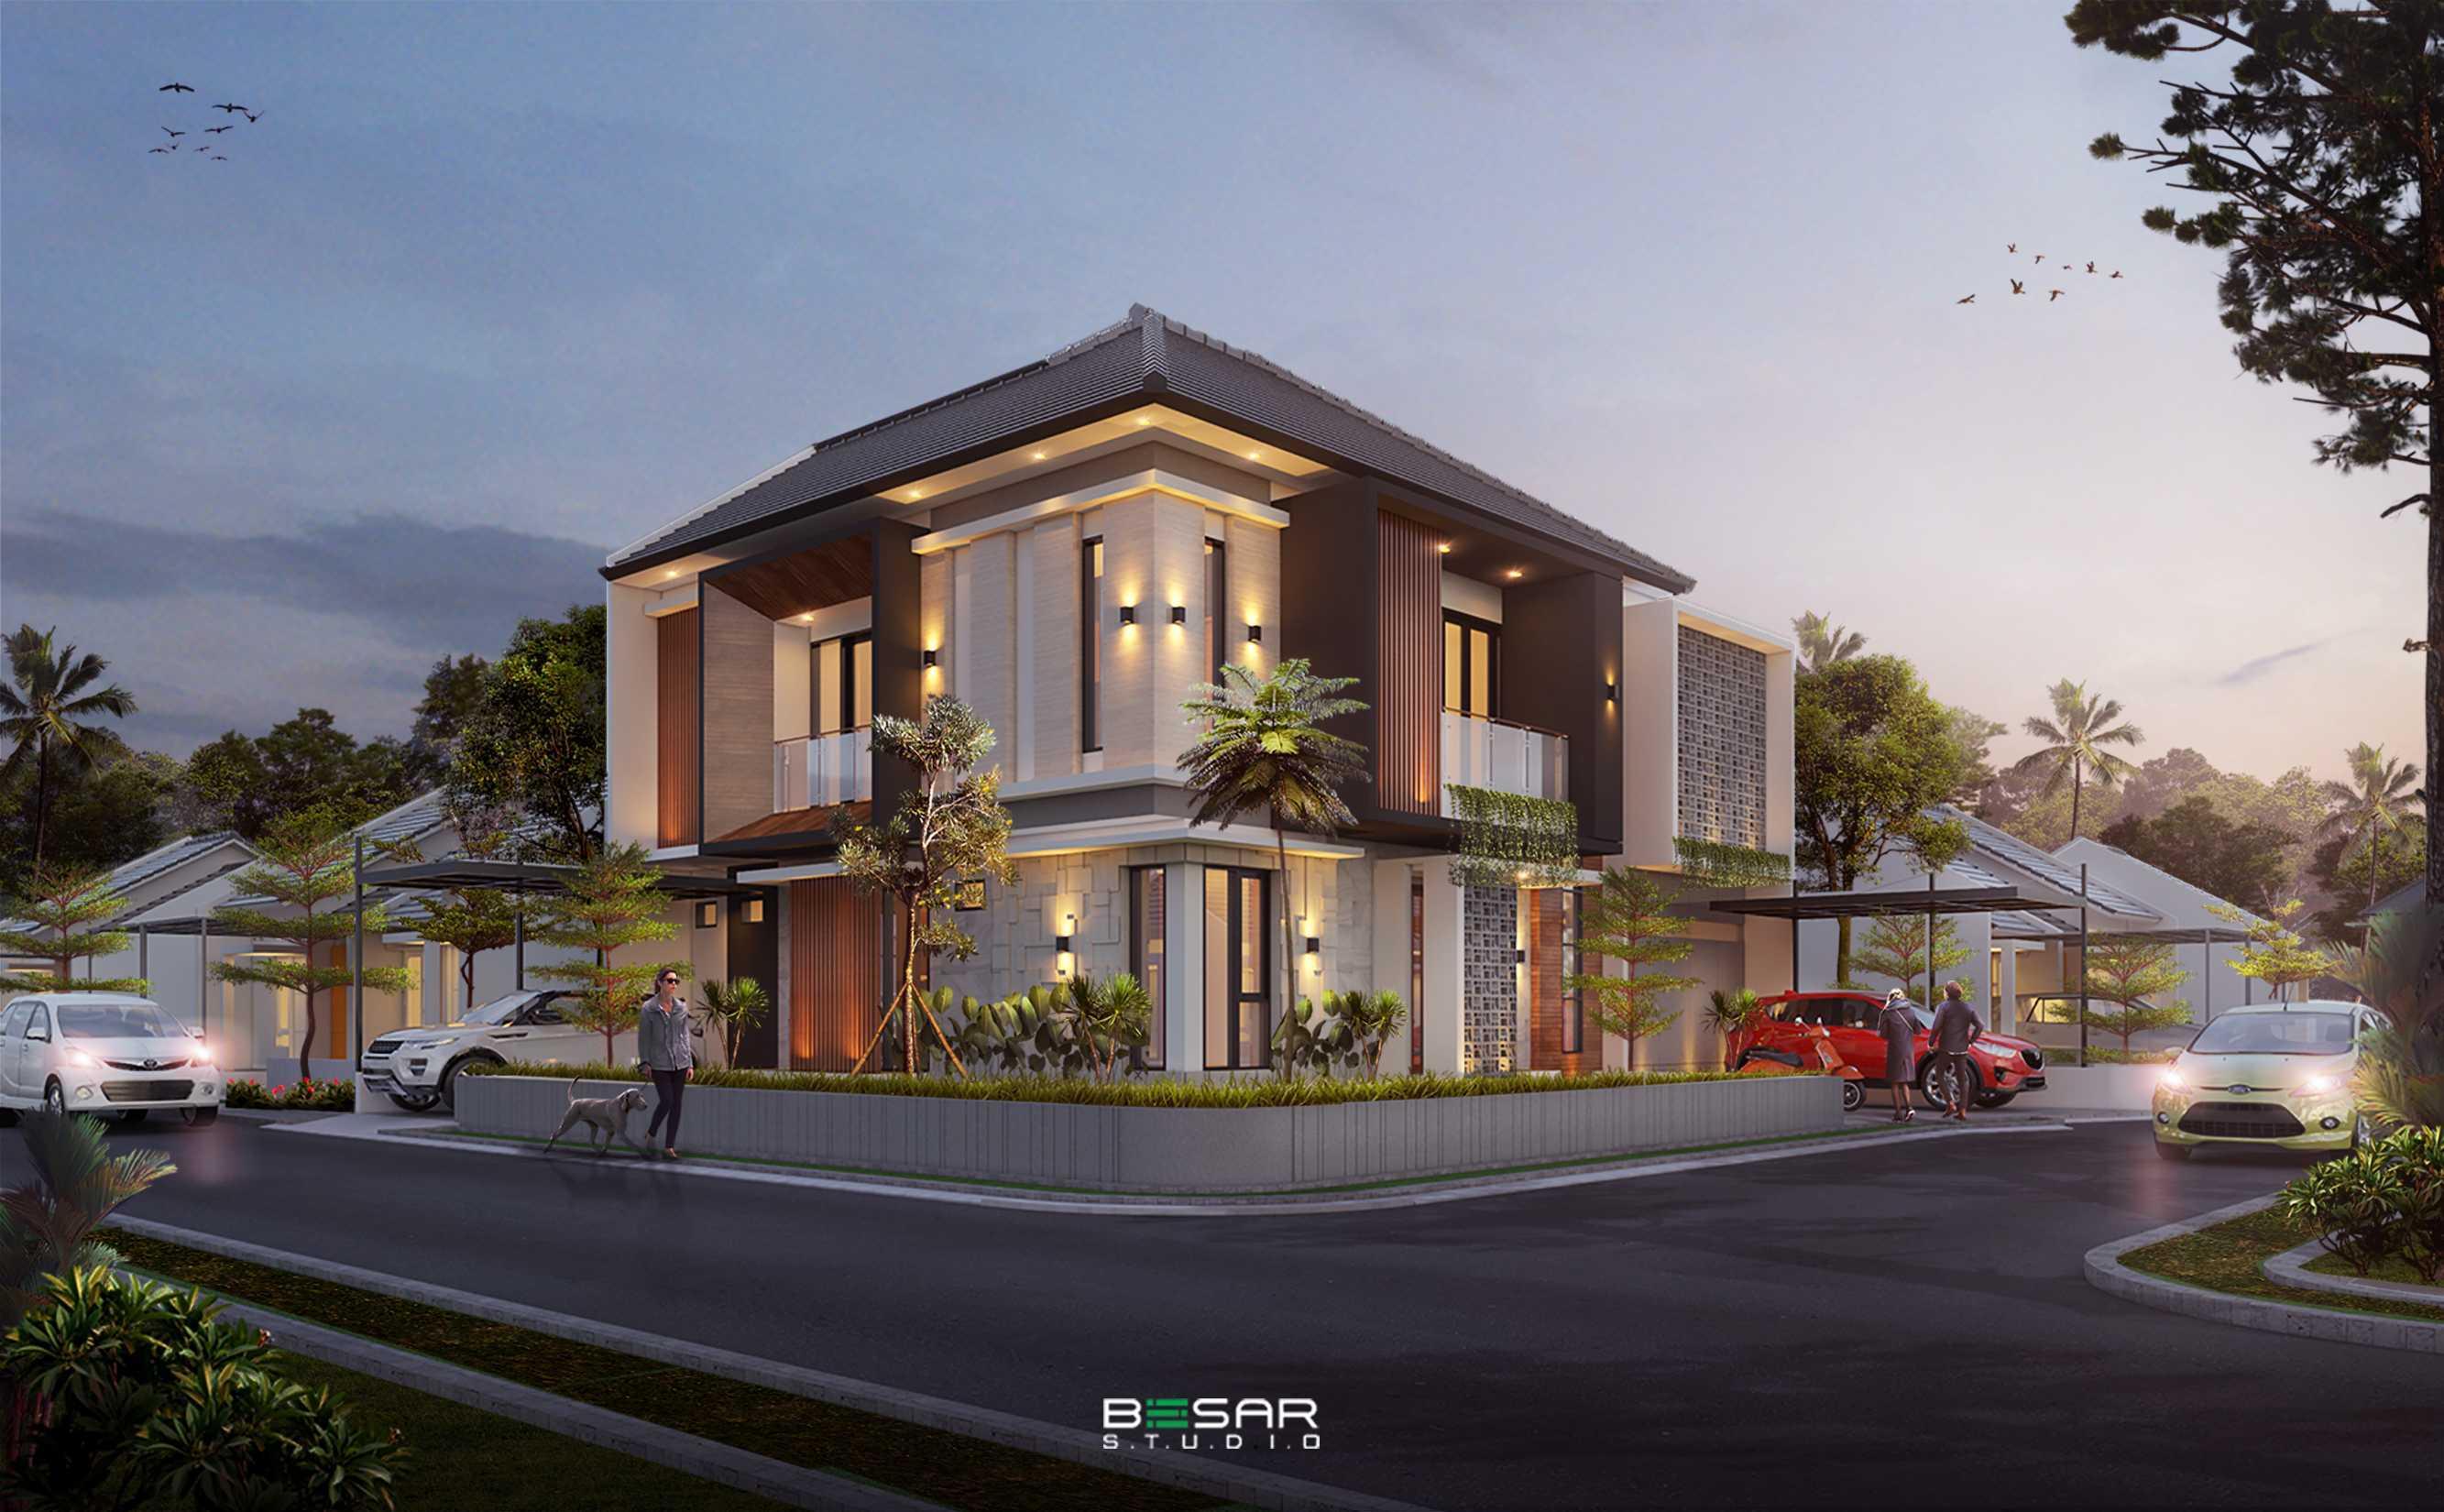 Studio Besar Dr House, Bogor Bogor, Jawa Barat, Indonesia Bogor, Jawa Barat, Indonesia Studio-Besar-Dr-House   64822